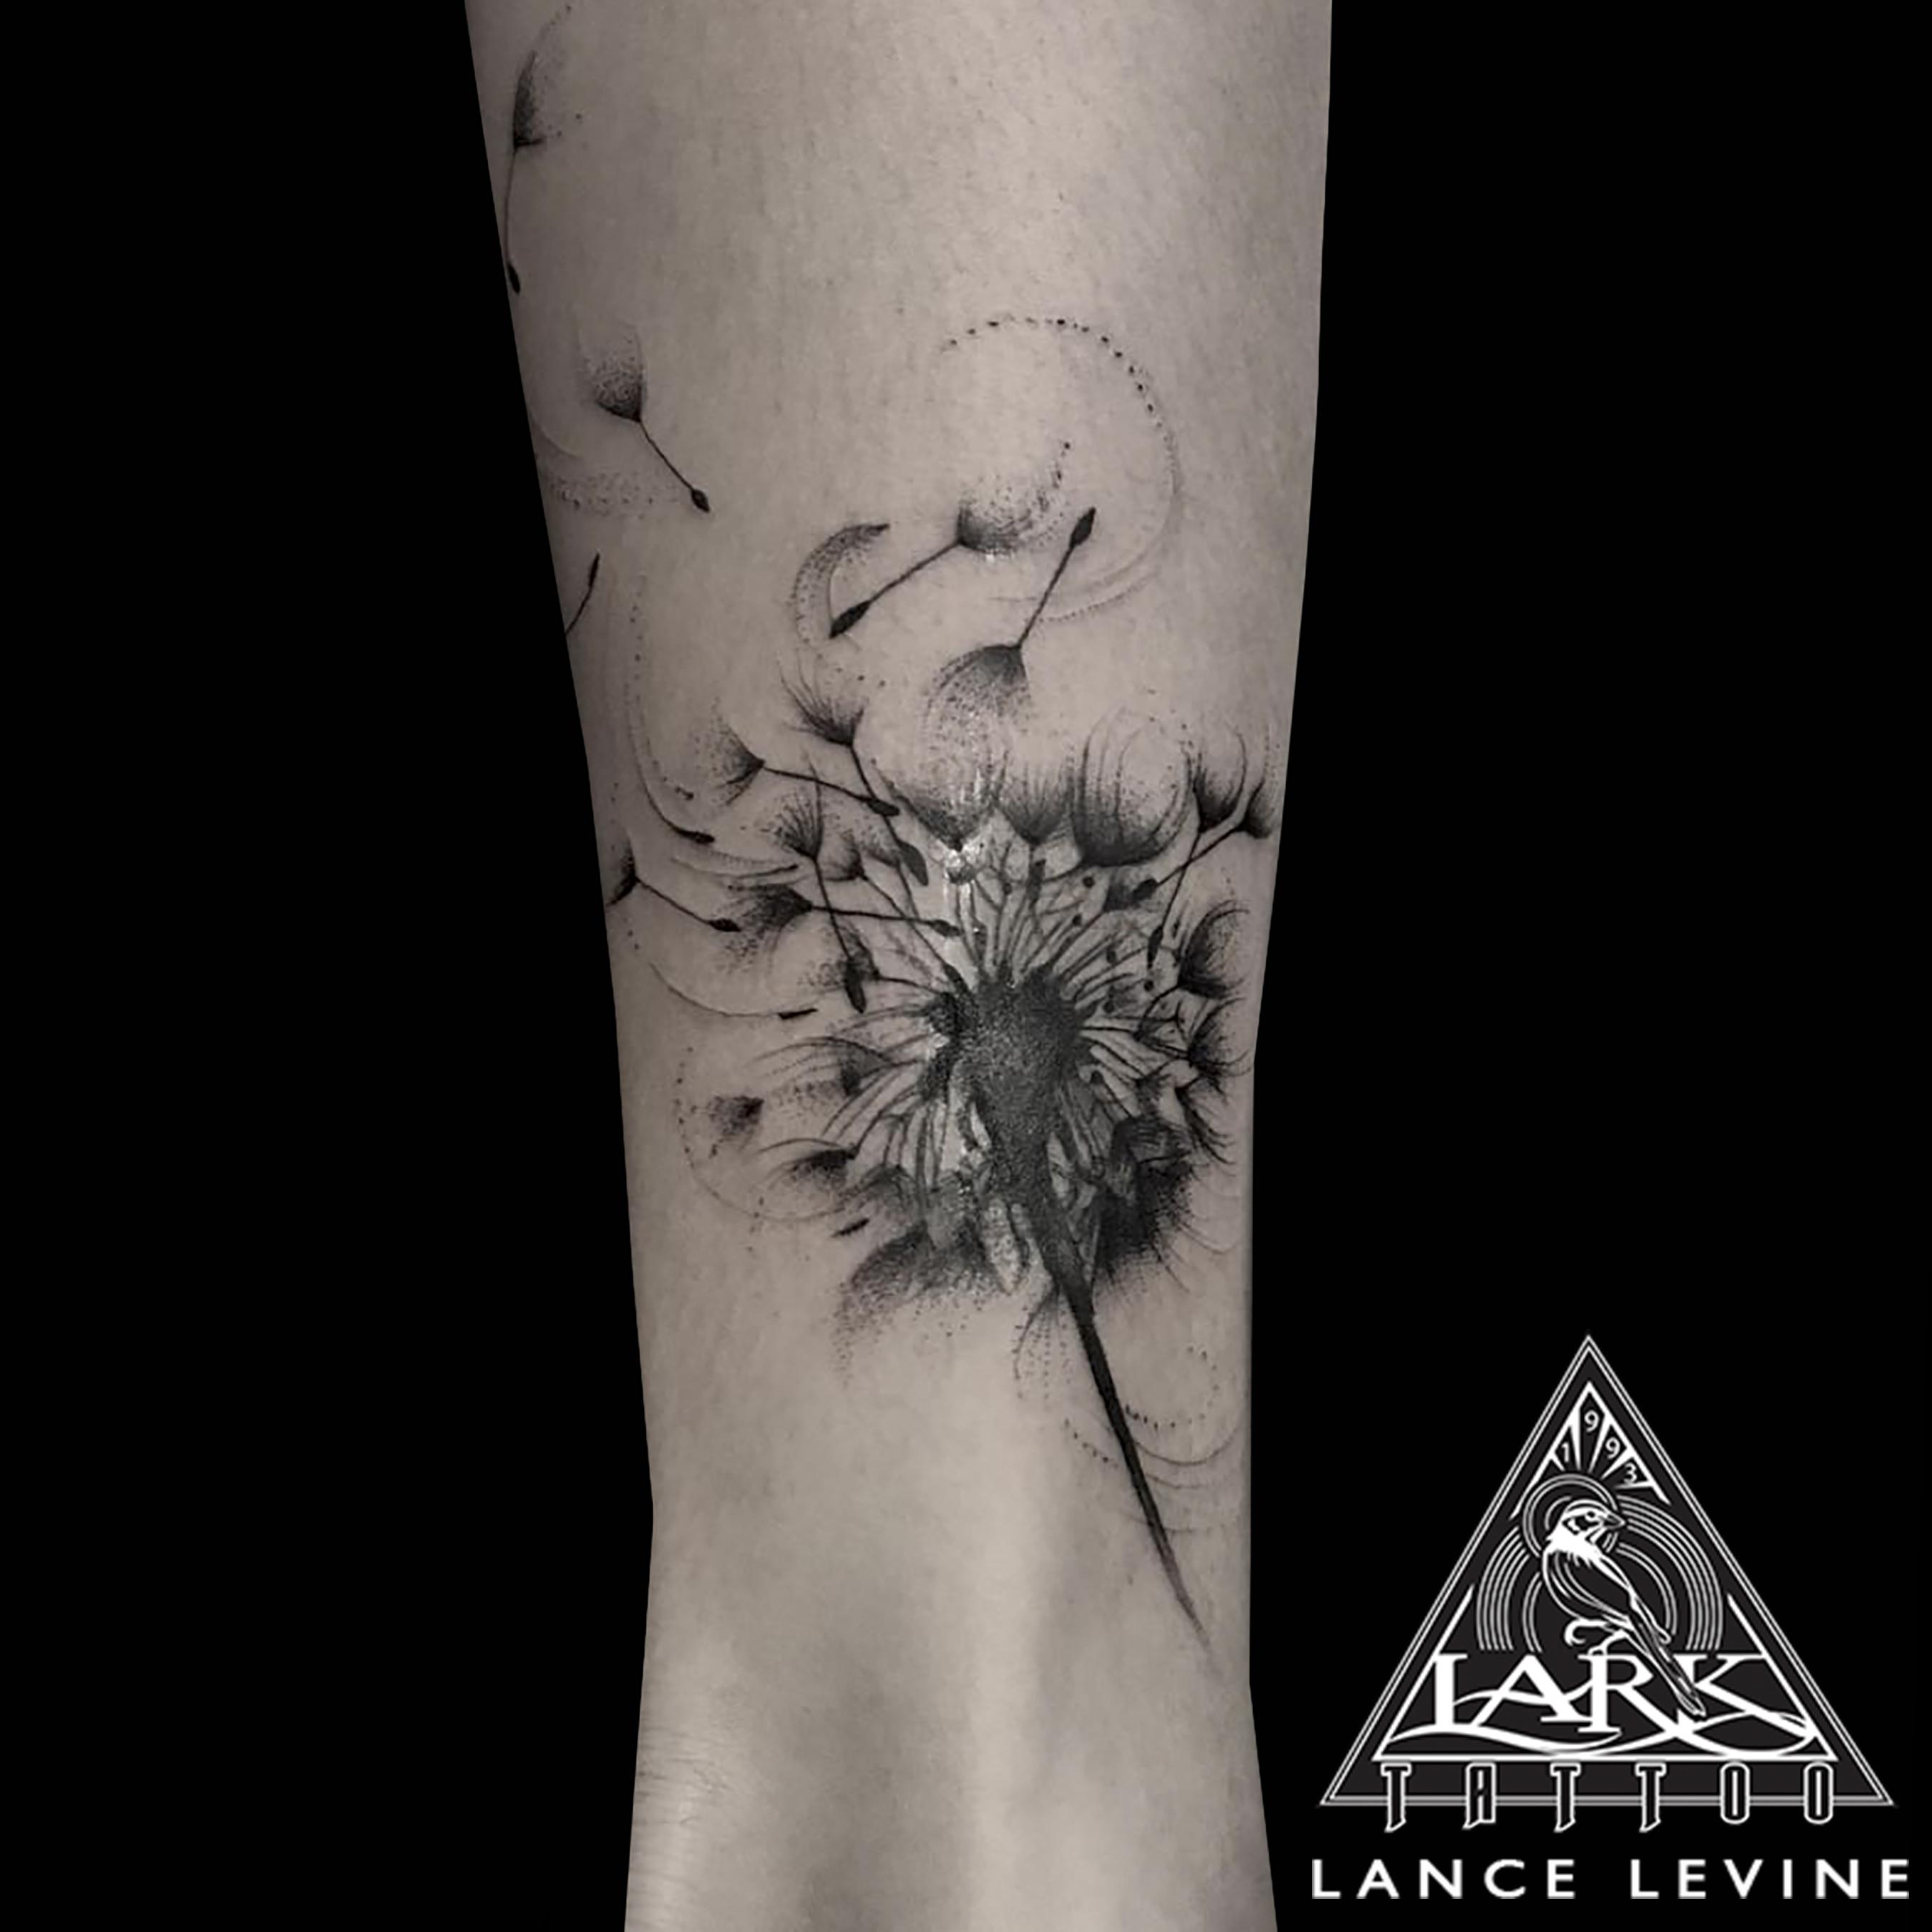 dandelion, dandeliontattoo, dandelionflower, dandelionflowertattoo, flower, flowertattoo, bng, bngtattoo, bnginksociety, blackandgraytattoo, blackandgreytattoo, tattoo, tattoos, tat, tats, tatts, tatted, tattedup, tattoist, tattooed, inked, inkedup, ink, tattoooftheday, amazingink, bodyart, tattooig, tattoosofinstagram, instatats , larktattoo, larktattoos, larktattoowestbury, westbury, longisland, NY, NewYork, usa, art, lance, levine, lancelevine